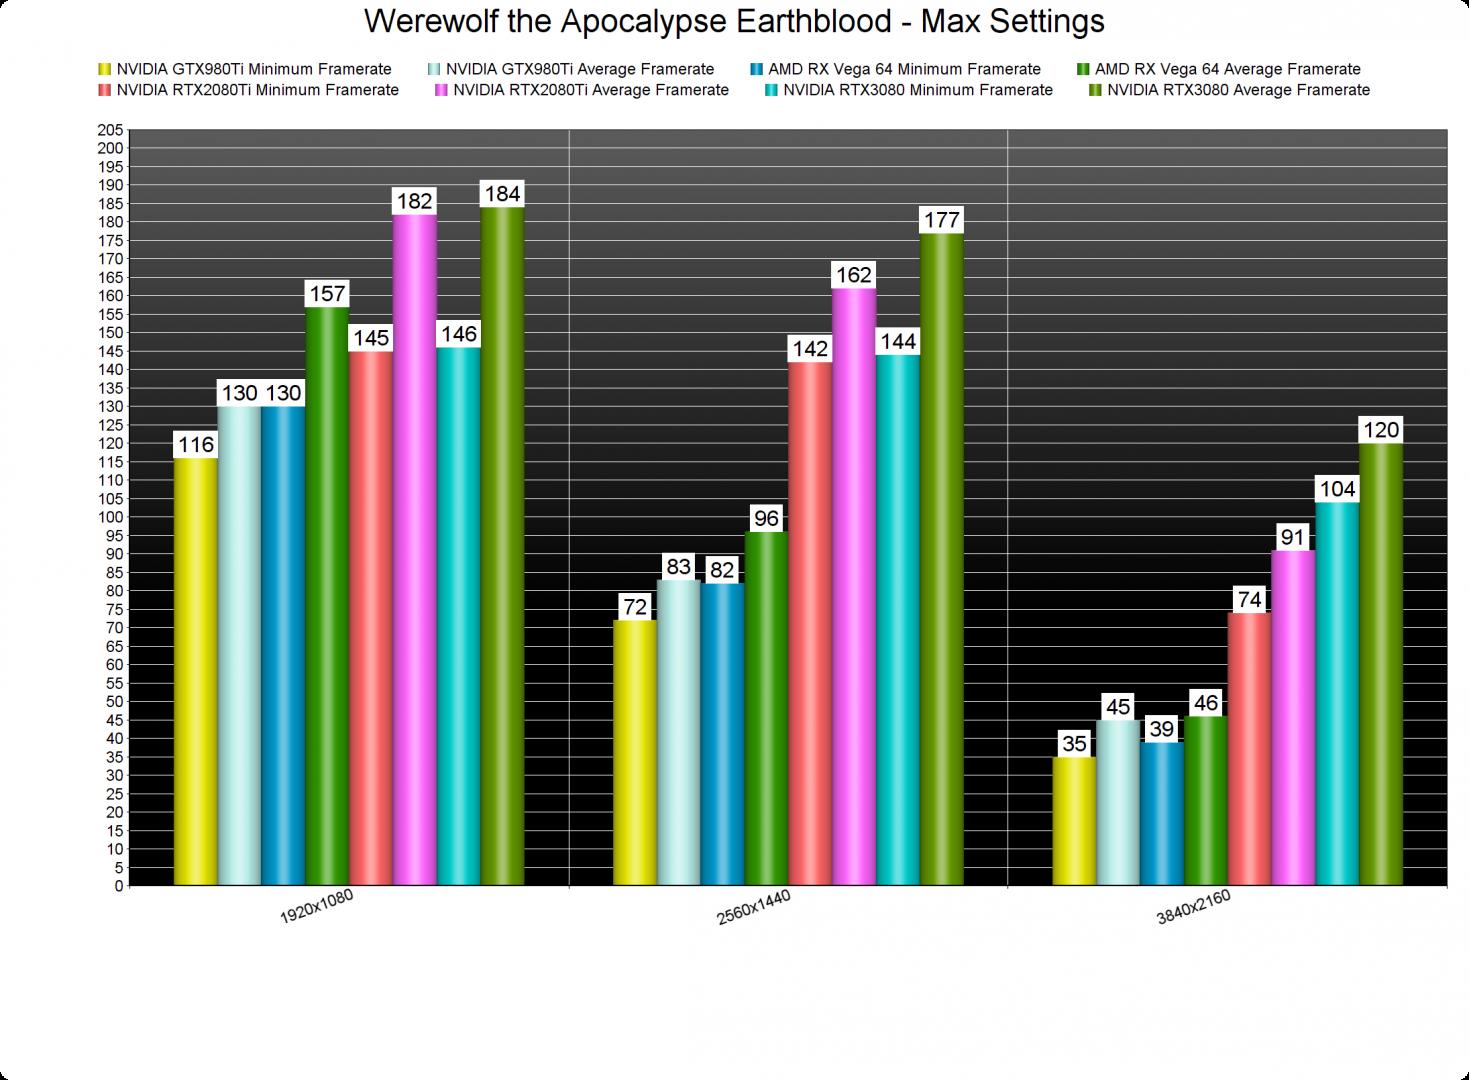 Werewolf the Apocalypse Earthblood GPU benchmarks-2